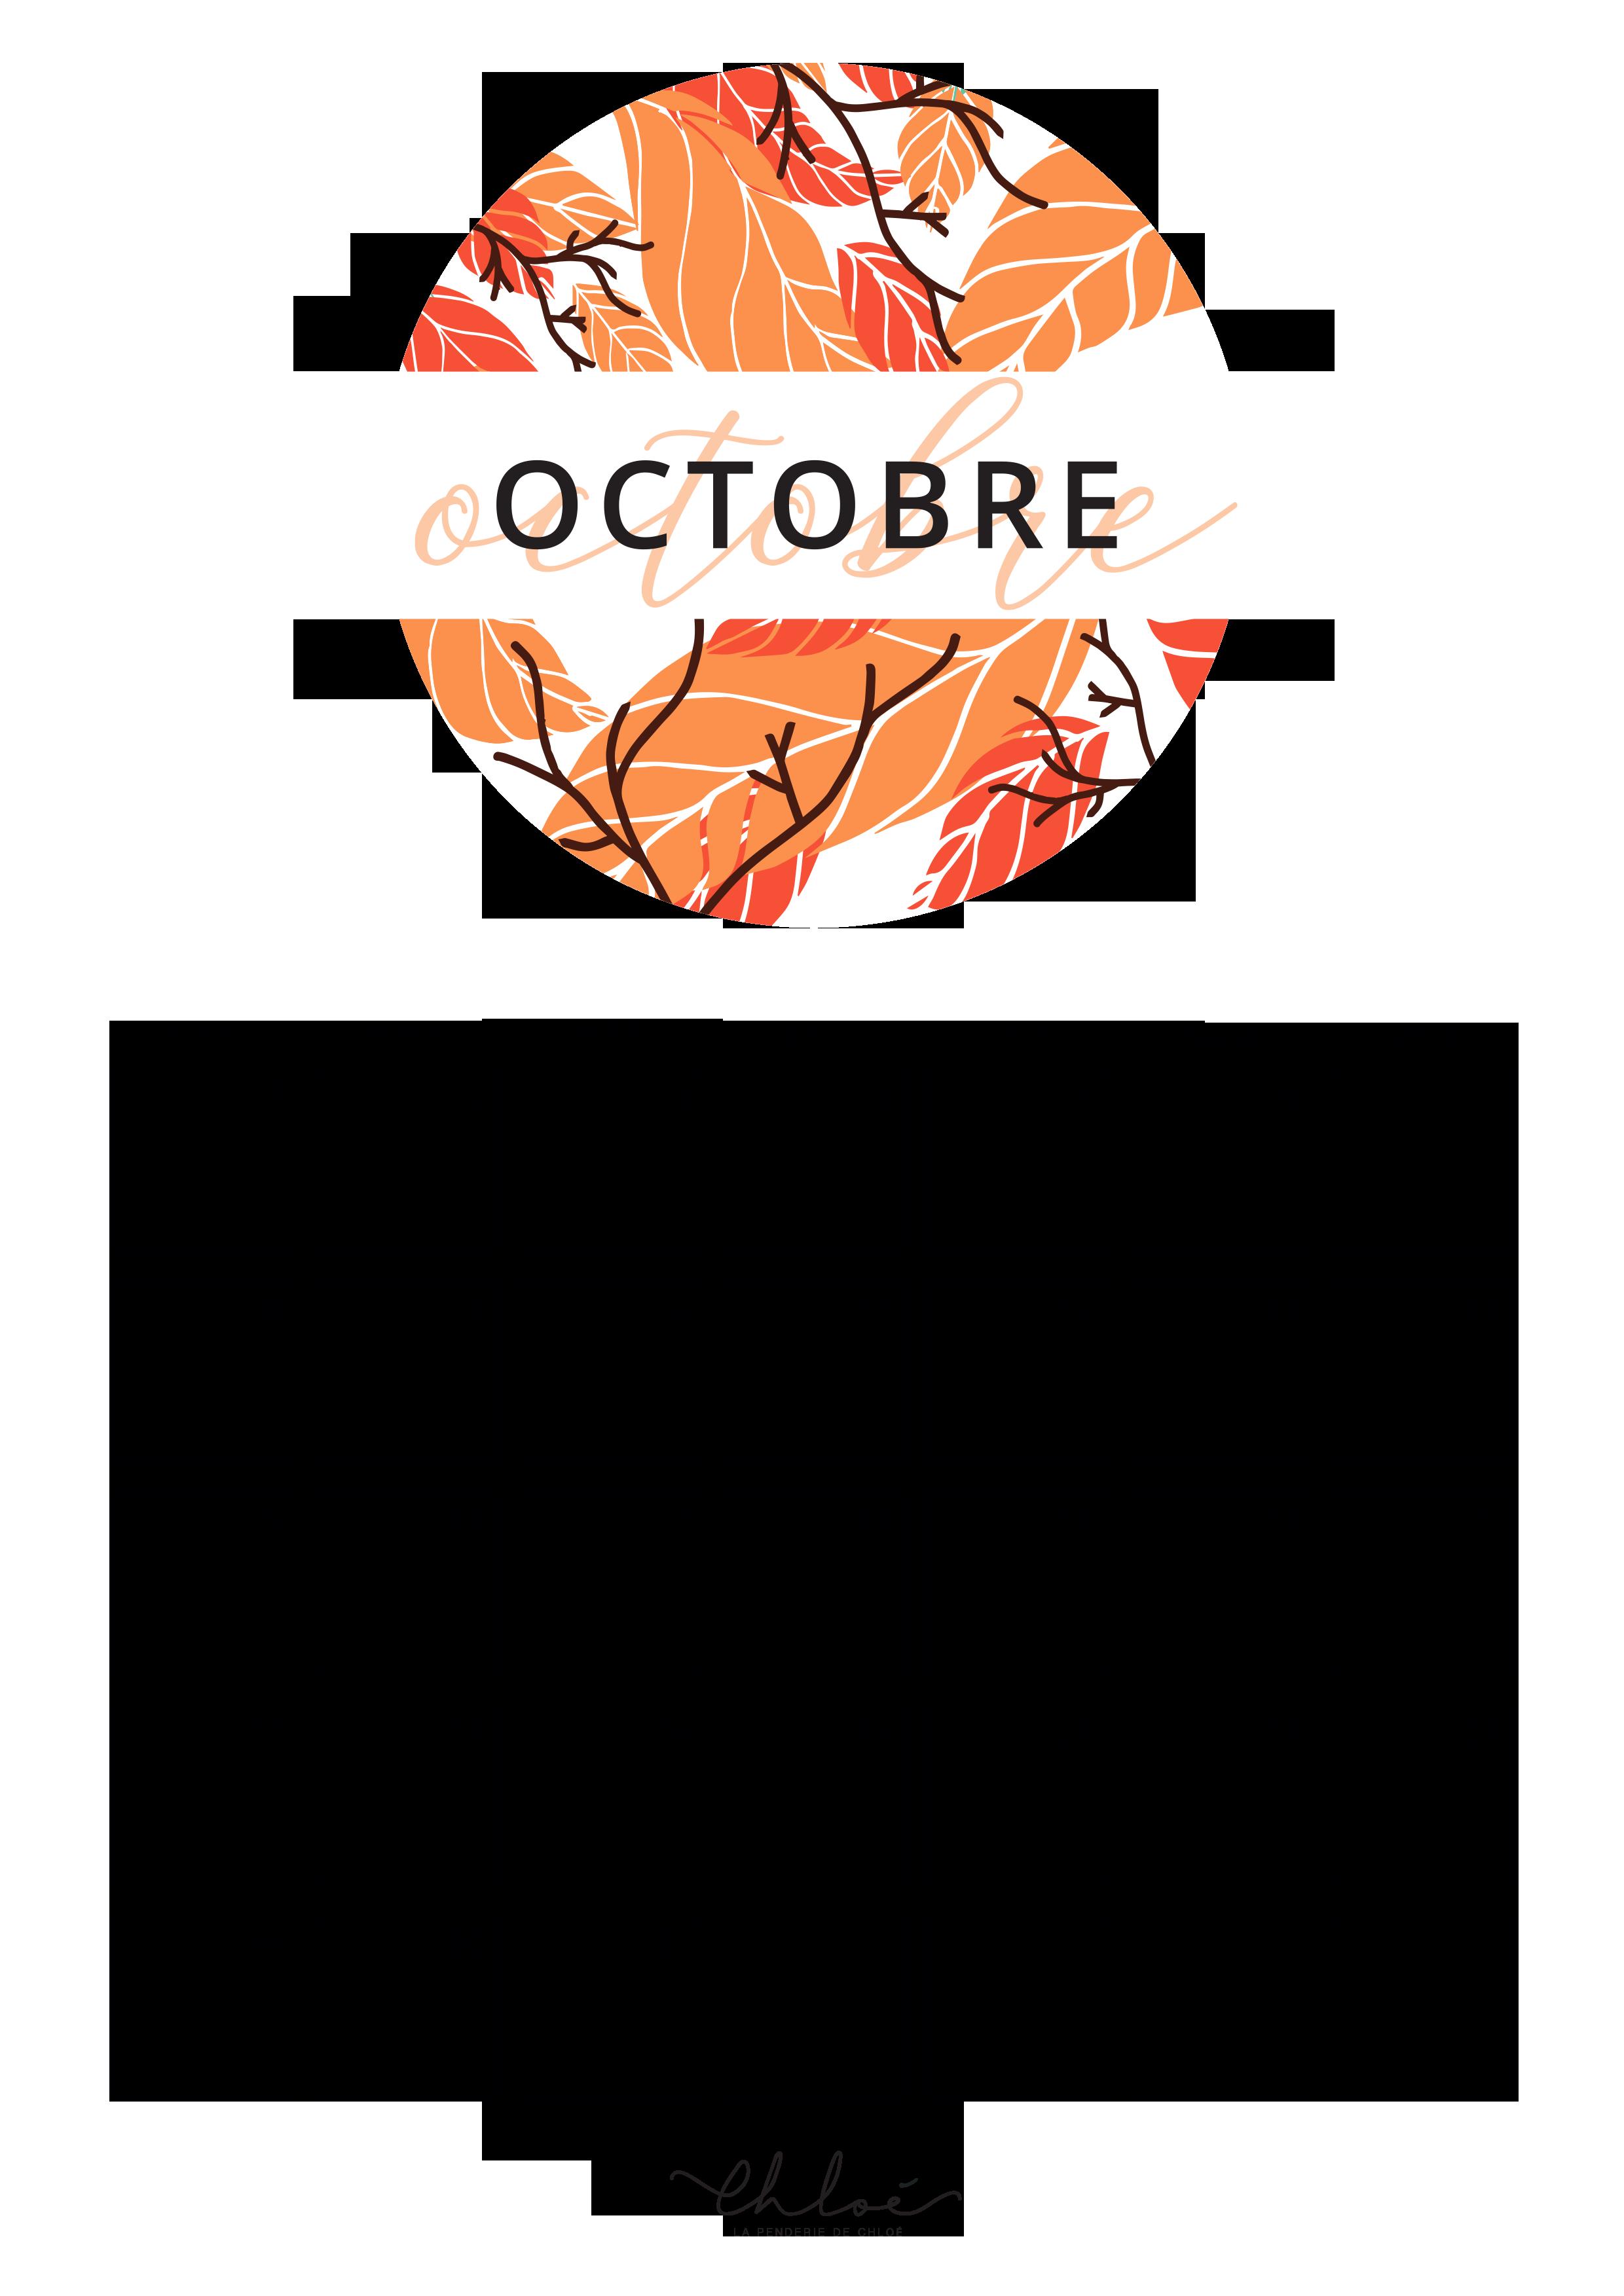 Printables Automne : calendrier, tracker, semainier. // La Penderie de Chloé #octobreautomne Calendrier octobre à imprimer #octobreautomne Printables Automne : calendrier, tracker, semainier. // La Penderie de Chloé #octobreautomne Calendrier octobre à imprimer #octobreautomne